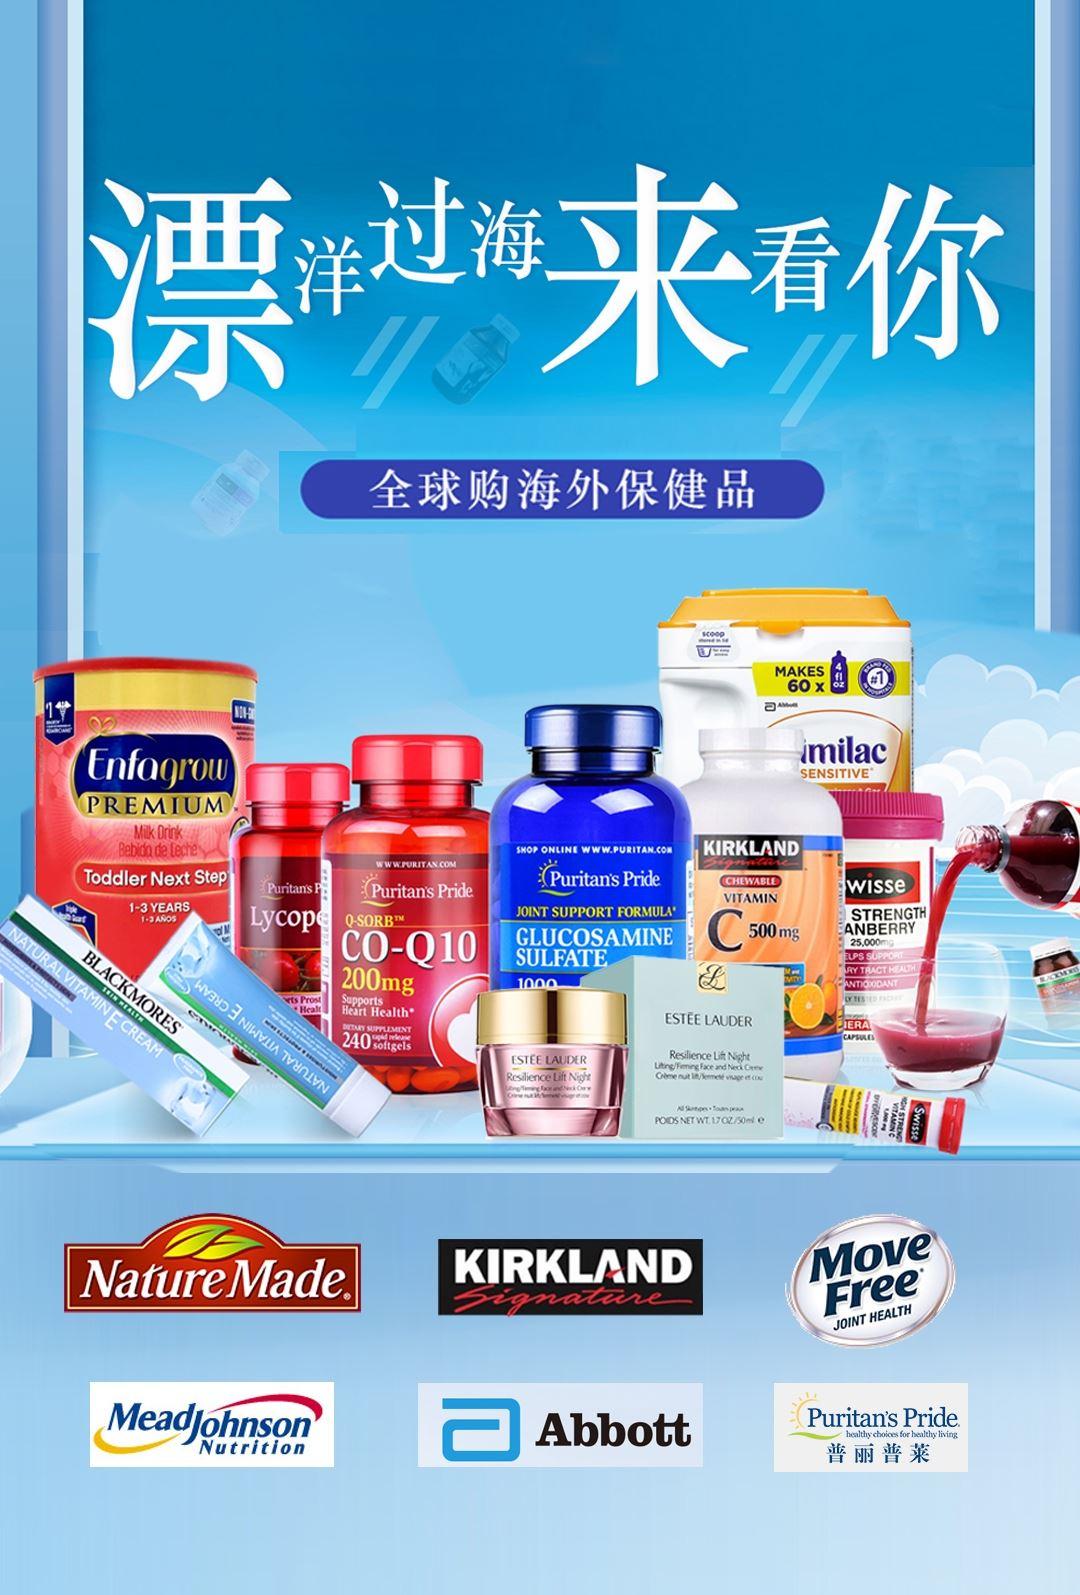 全球购海外保健品